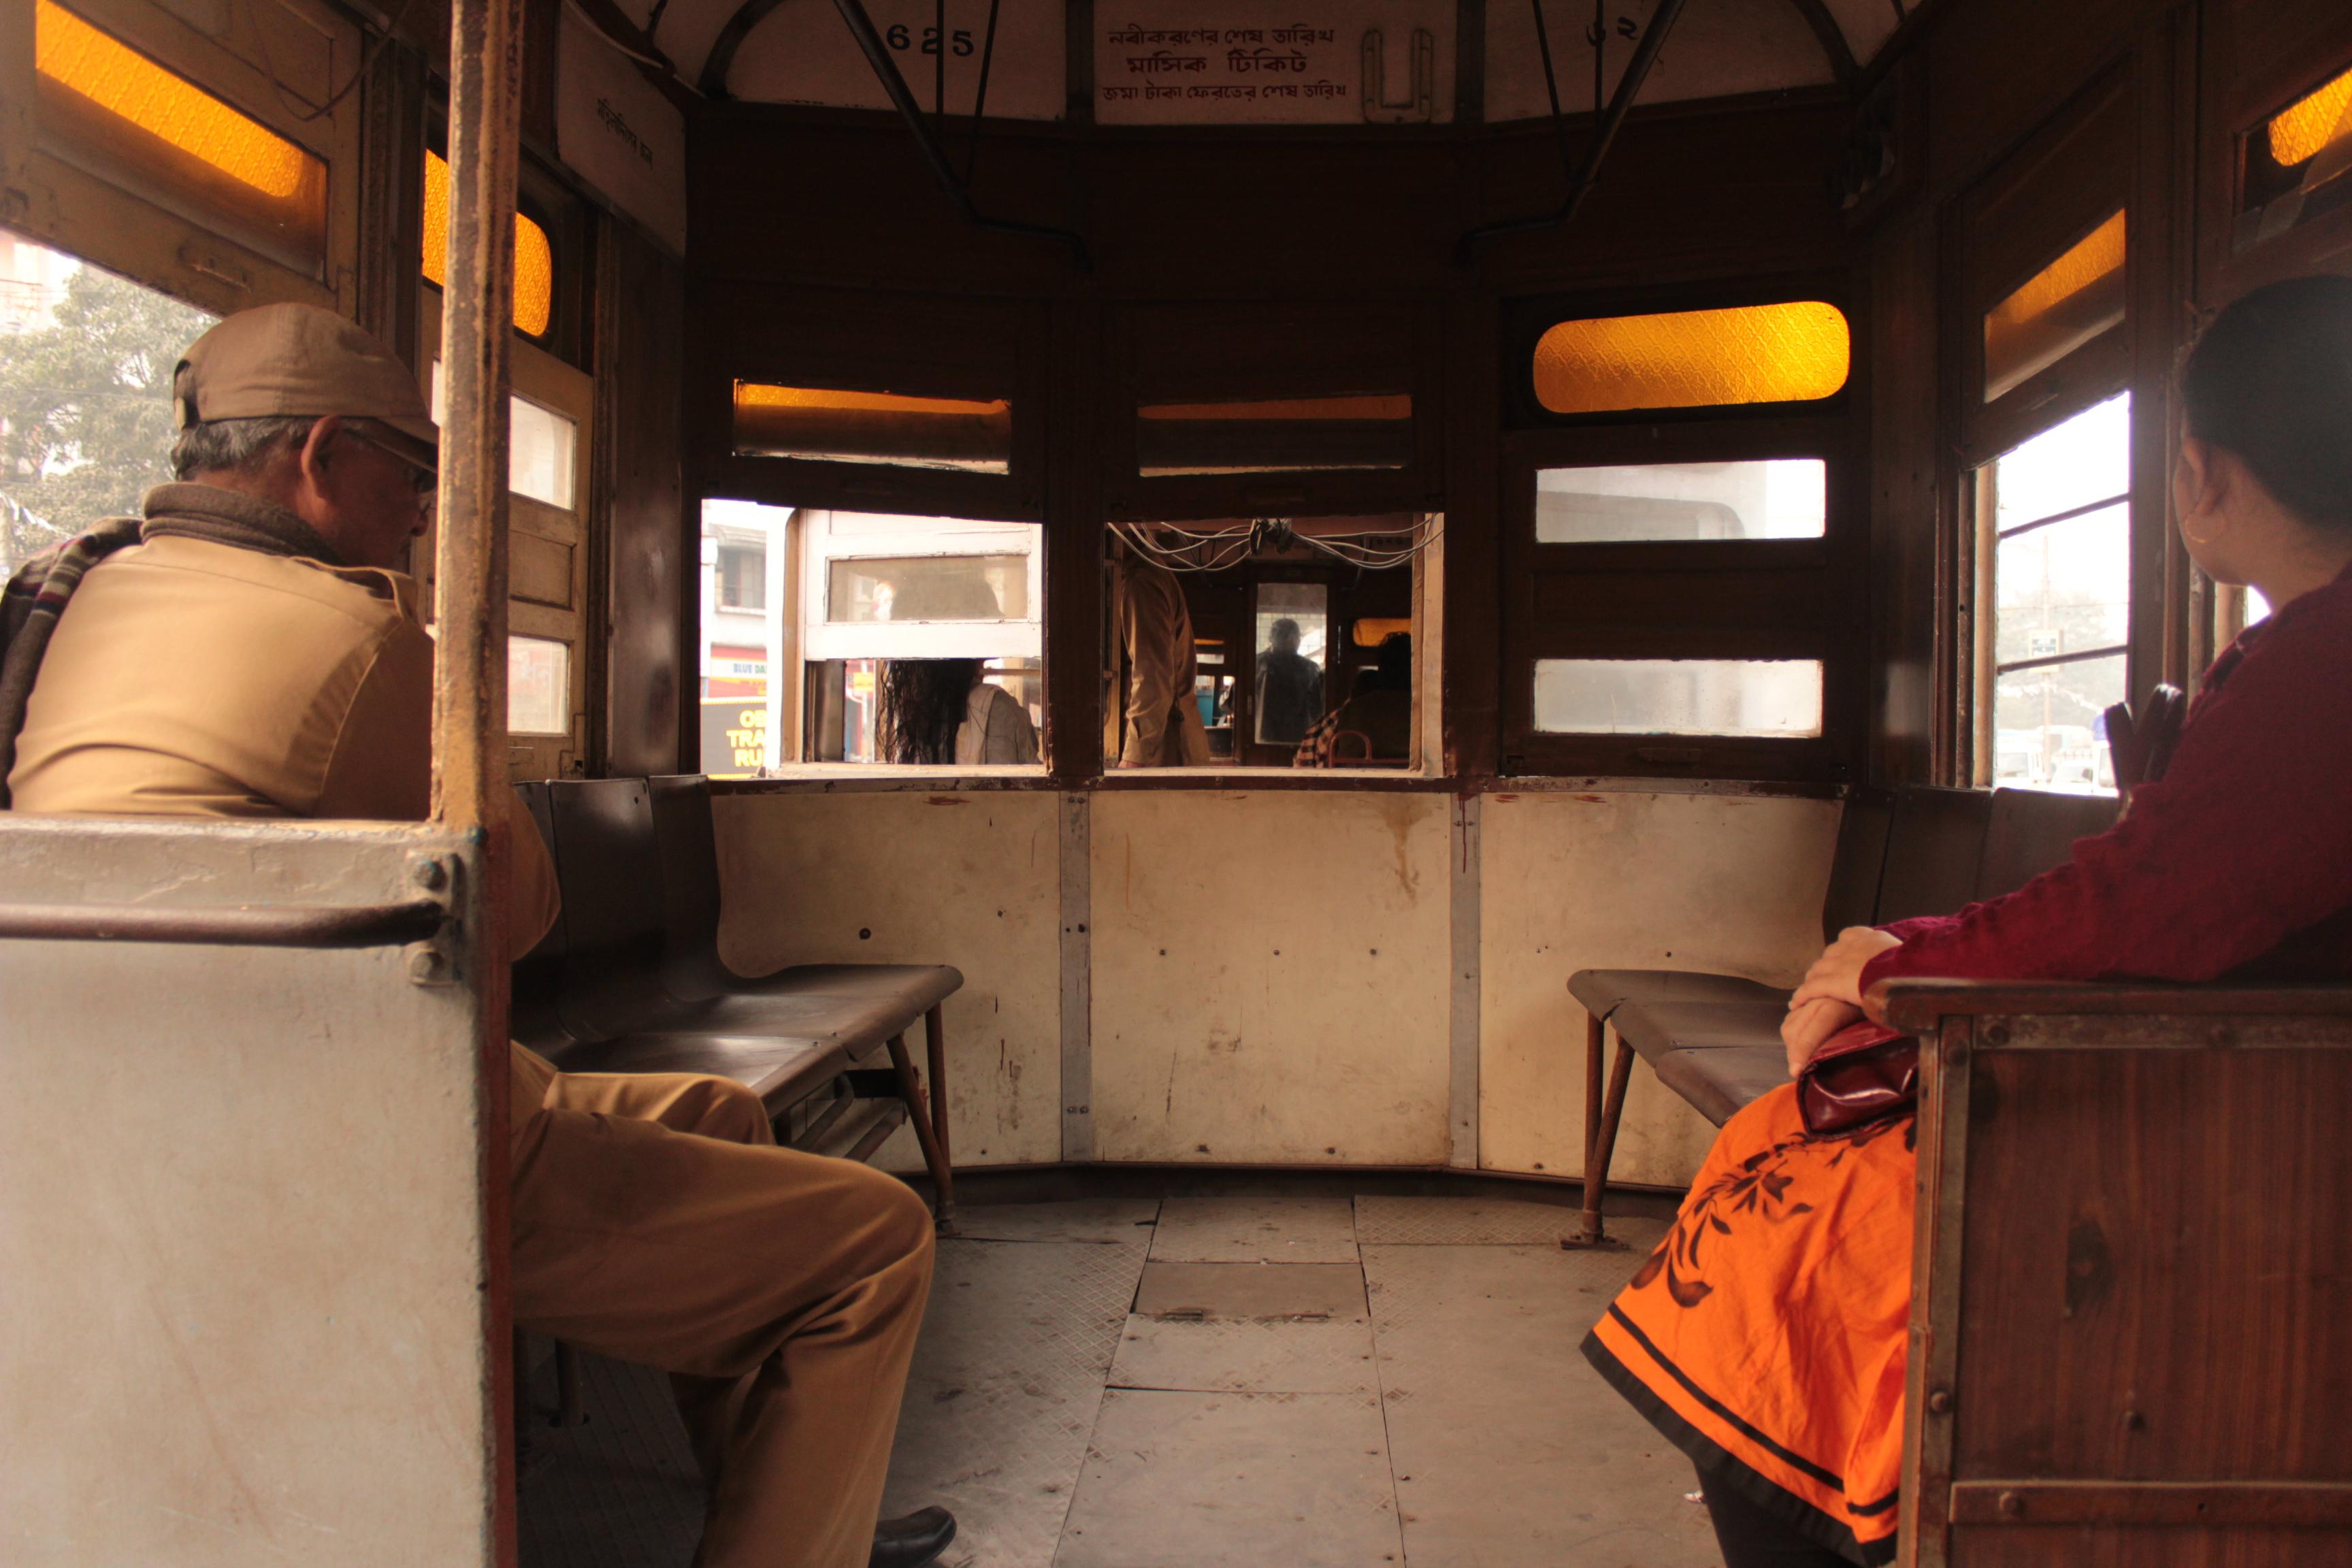 First 3 days in Kolkata